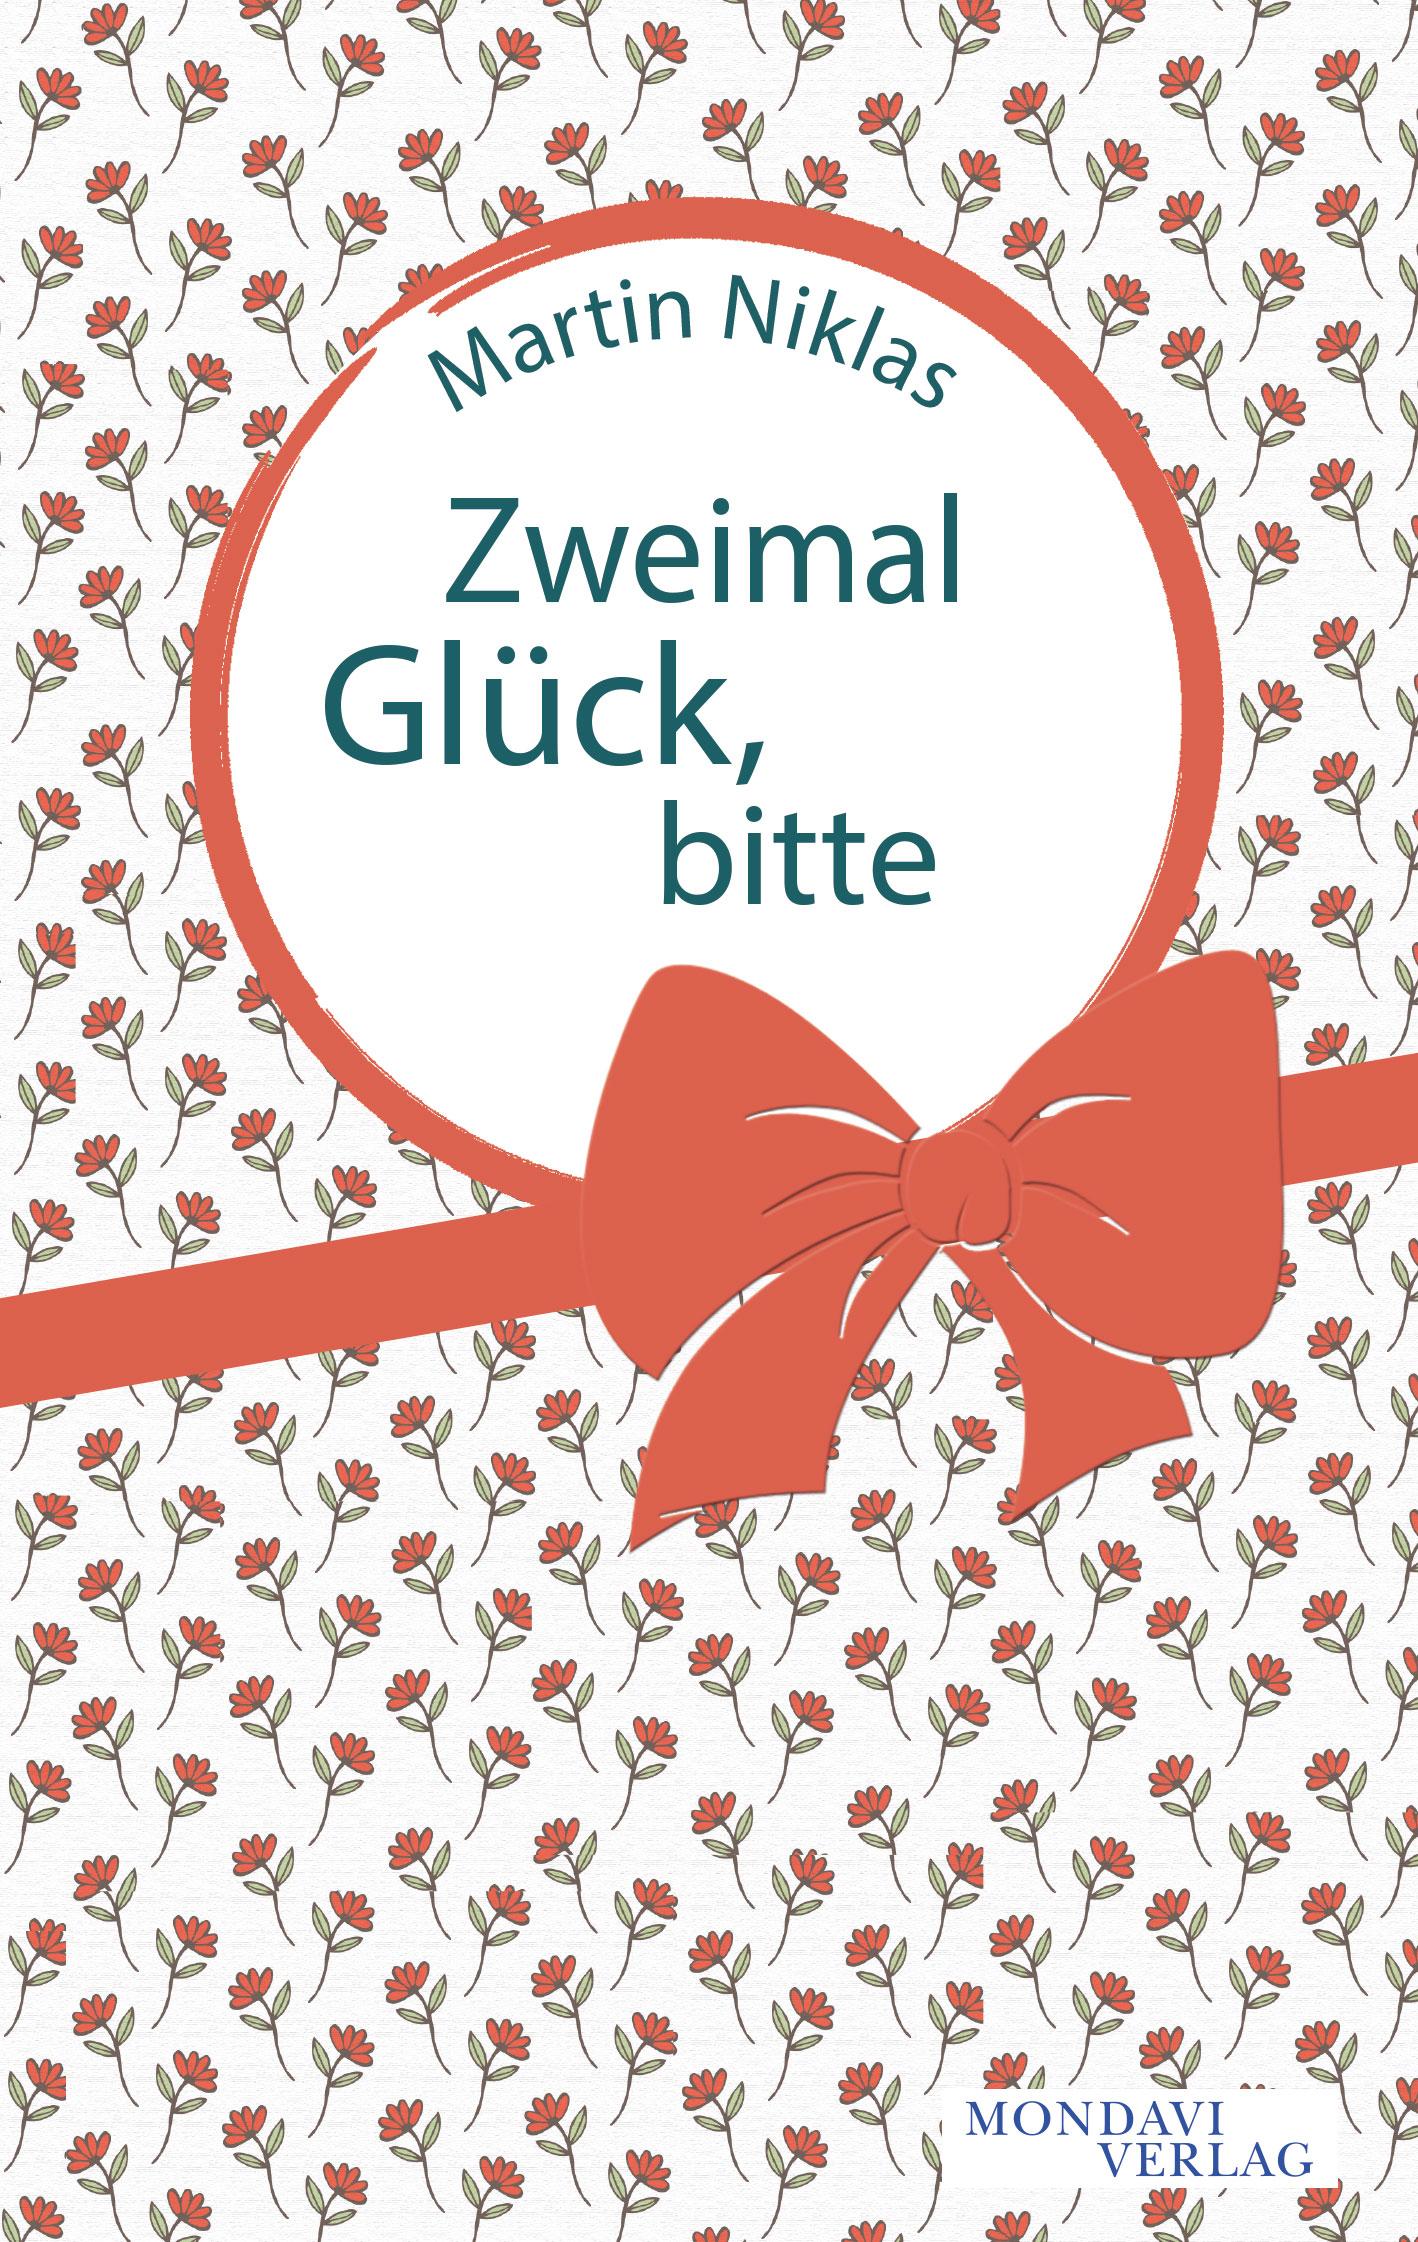 Martin Niklas: Zweimal Glück, bitte